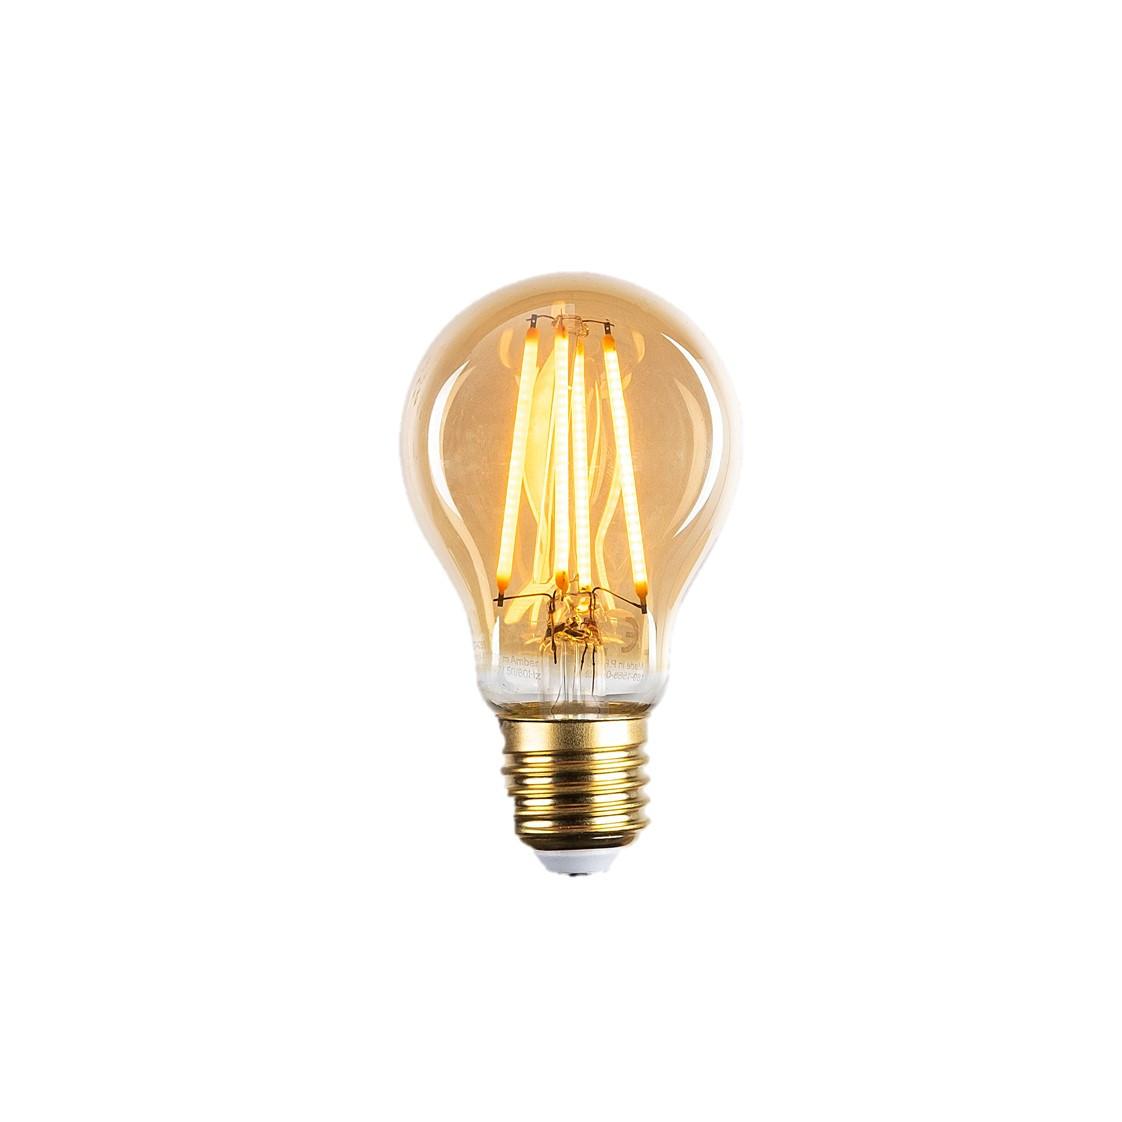 LED Light Bulb OP - 022 | 10,8 cm